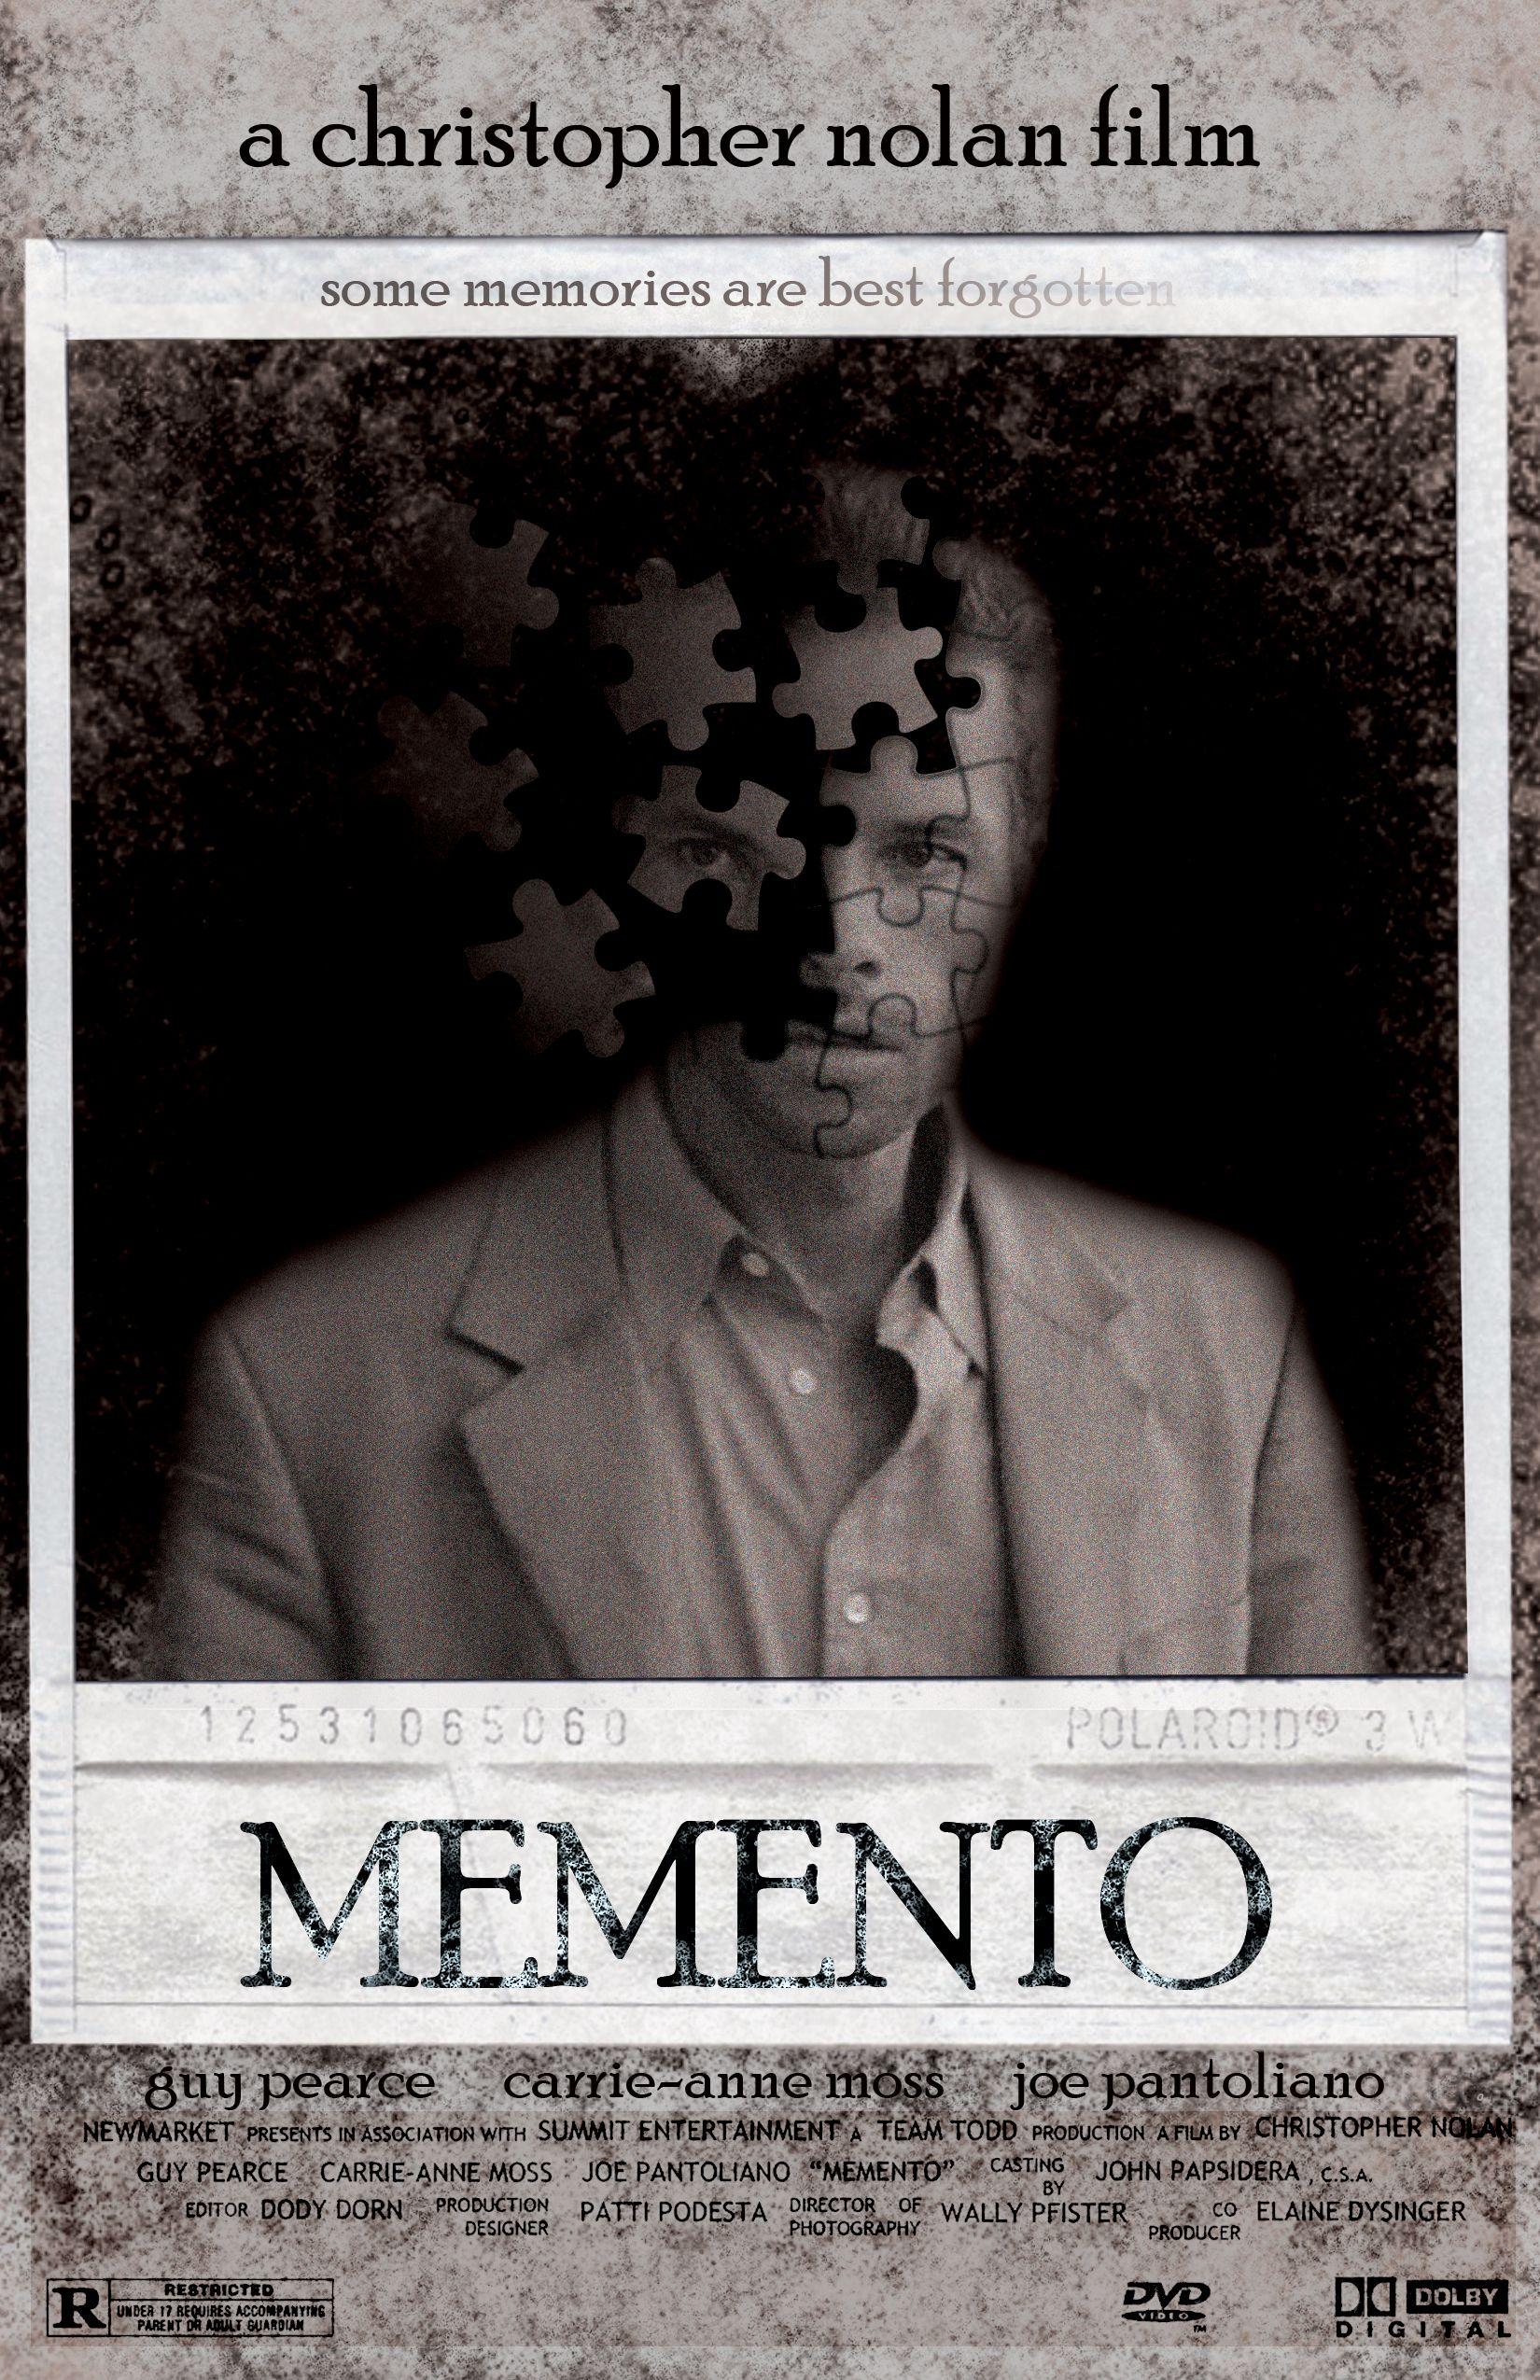 Memento Memento movie, Nolan film